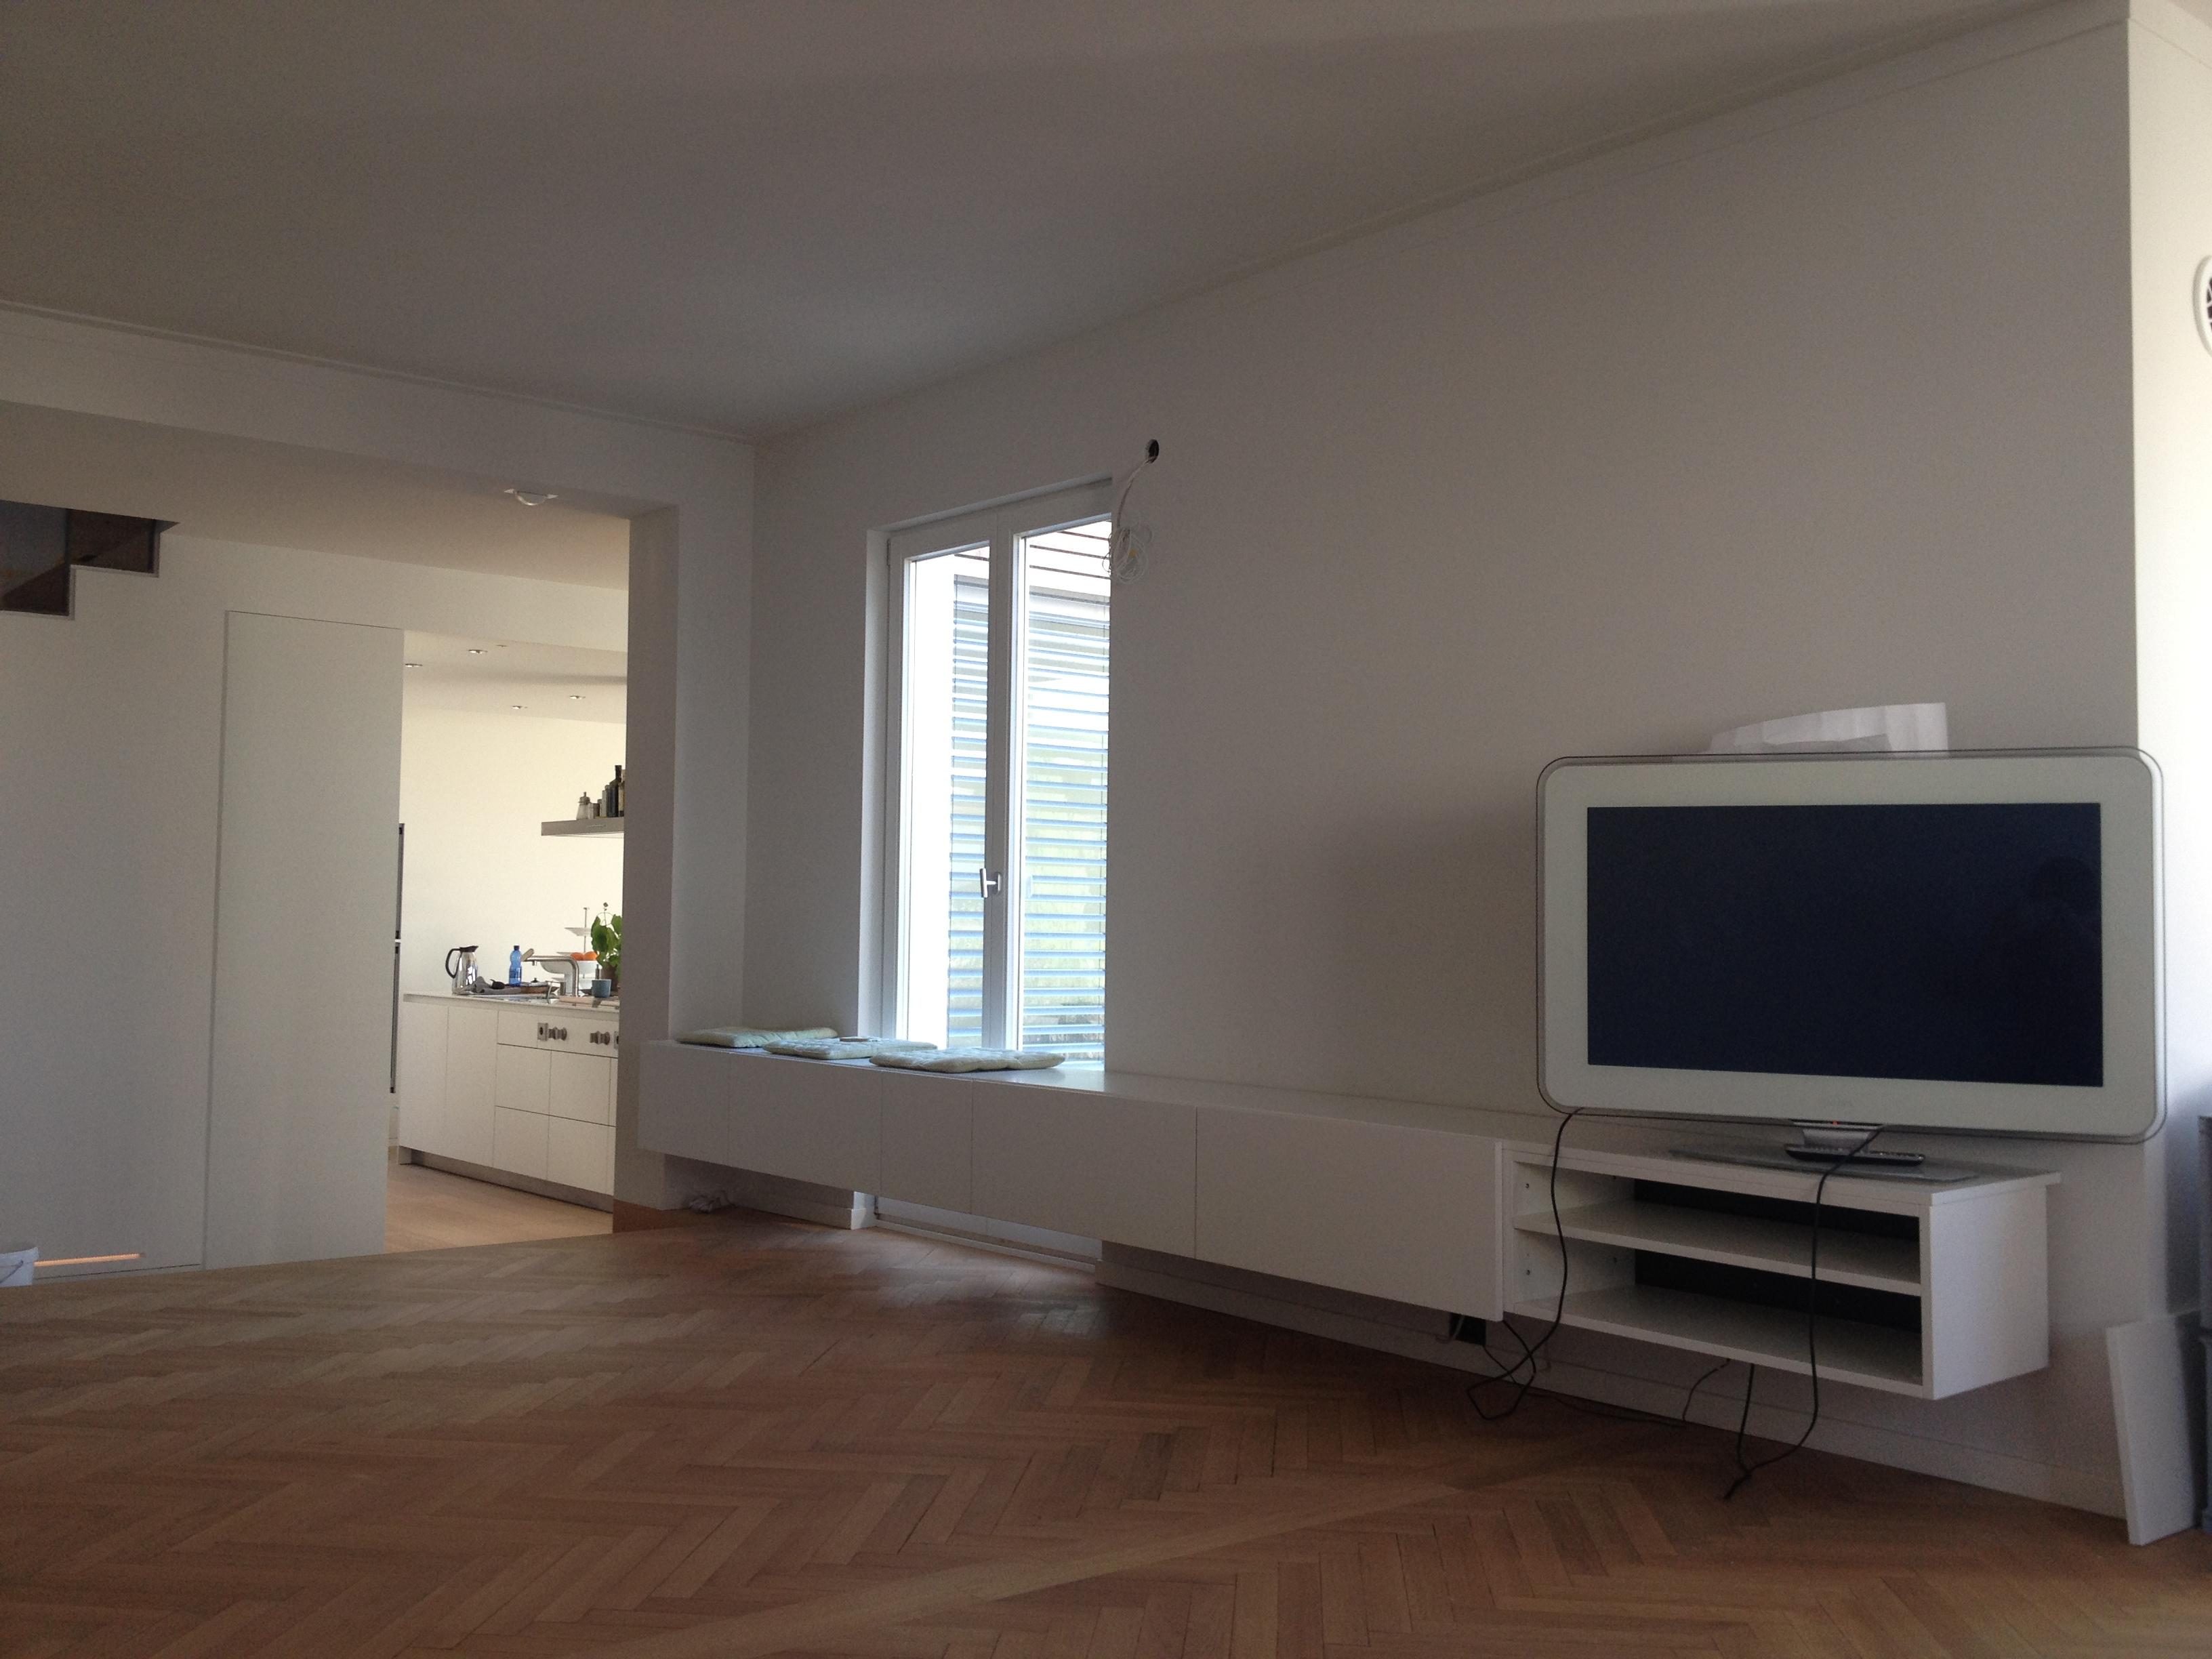 keine vorh nge echt zwinz. Black Bedroom Furniture Sets. Home Design Ideas